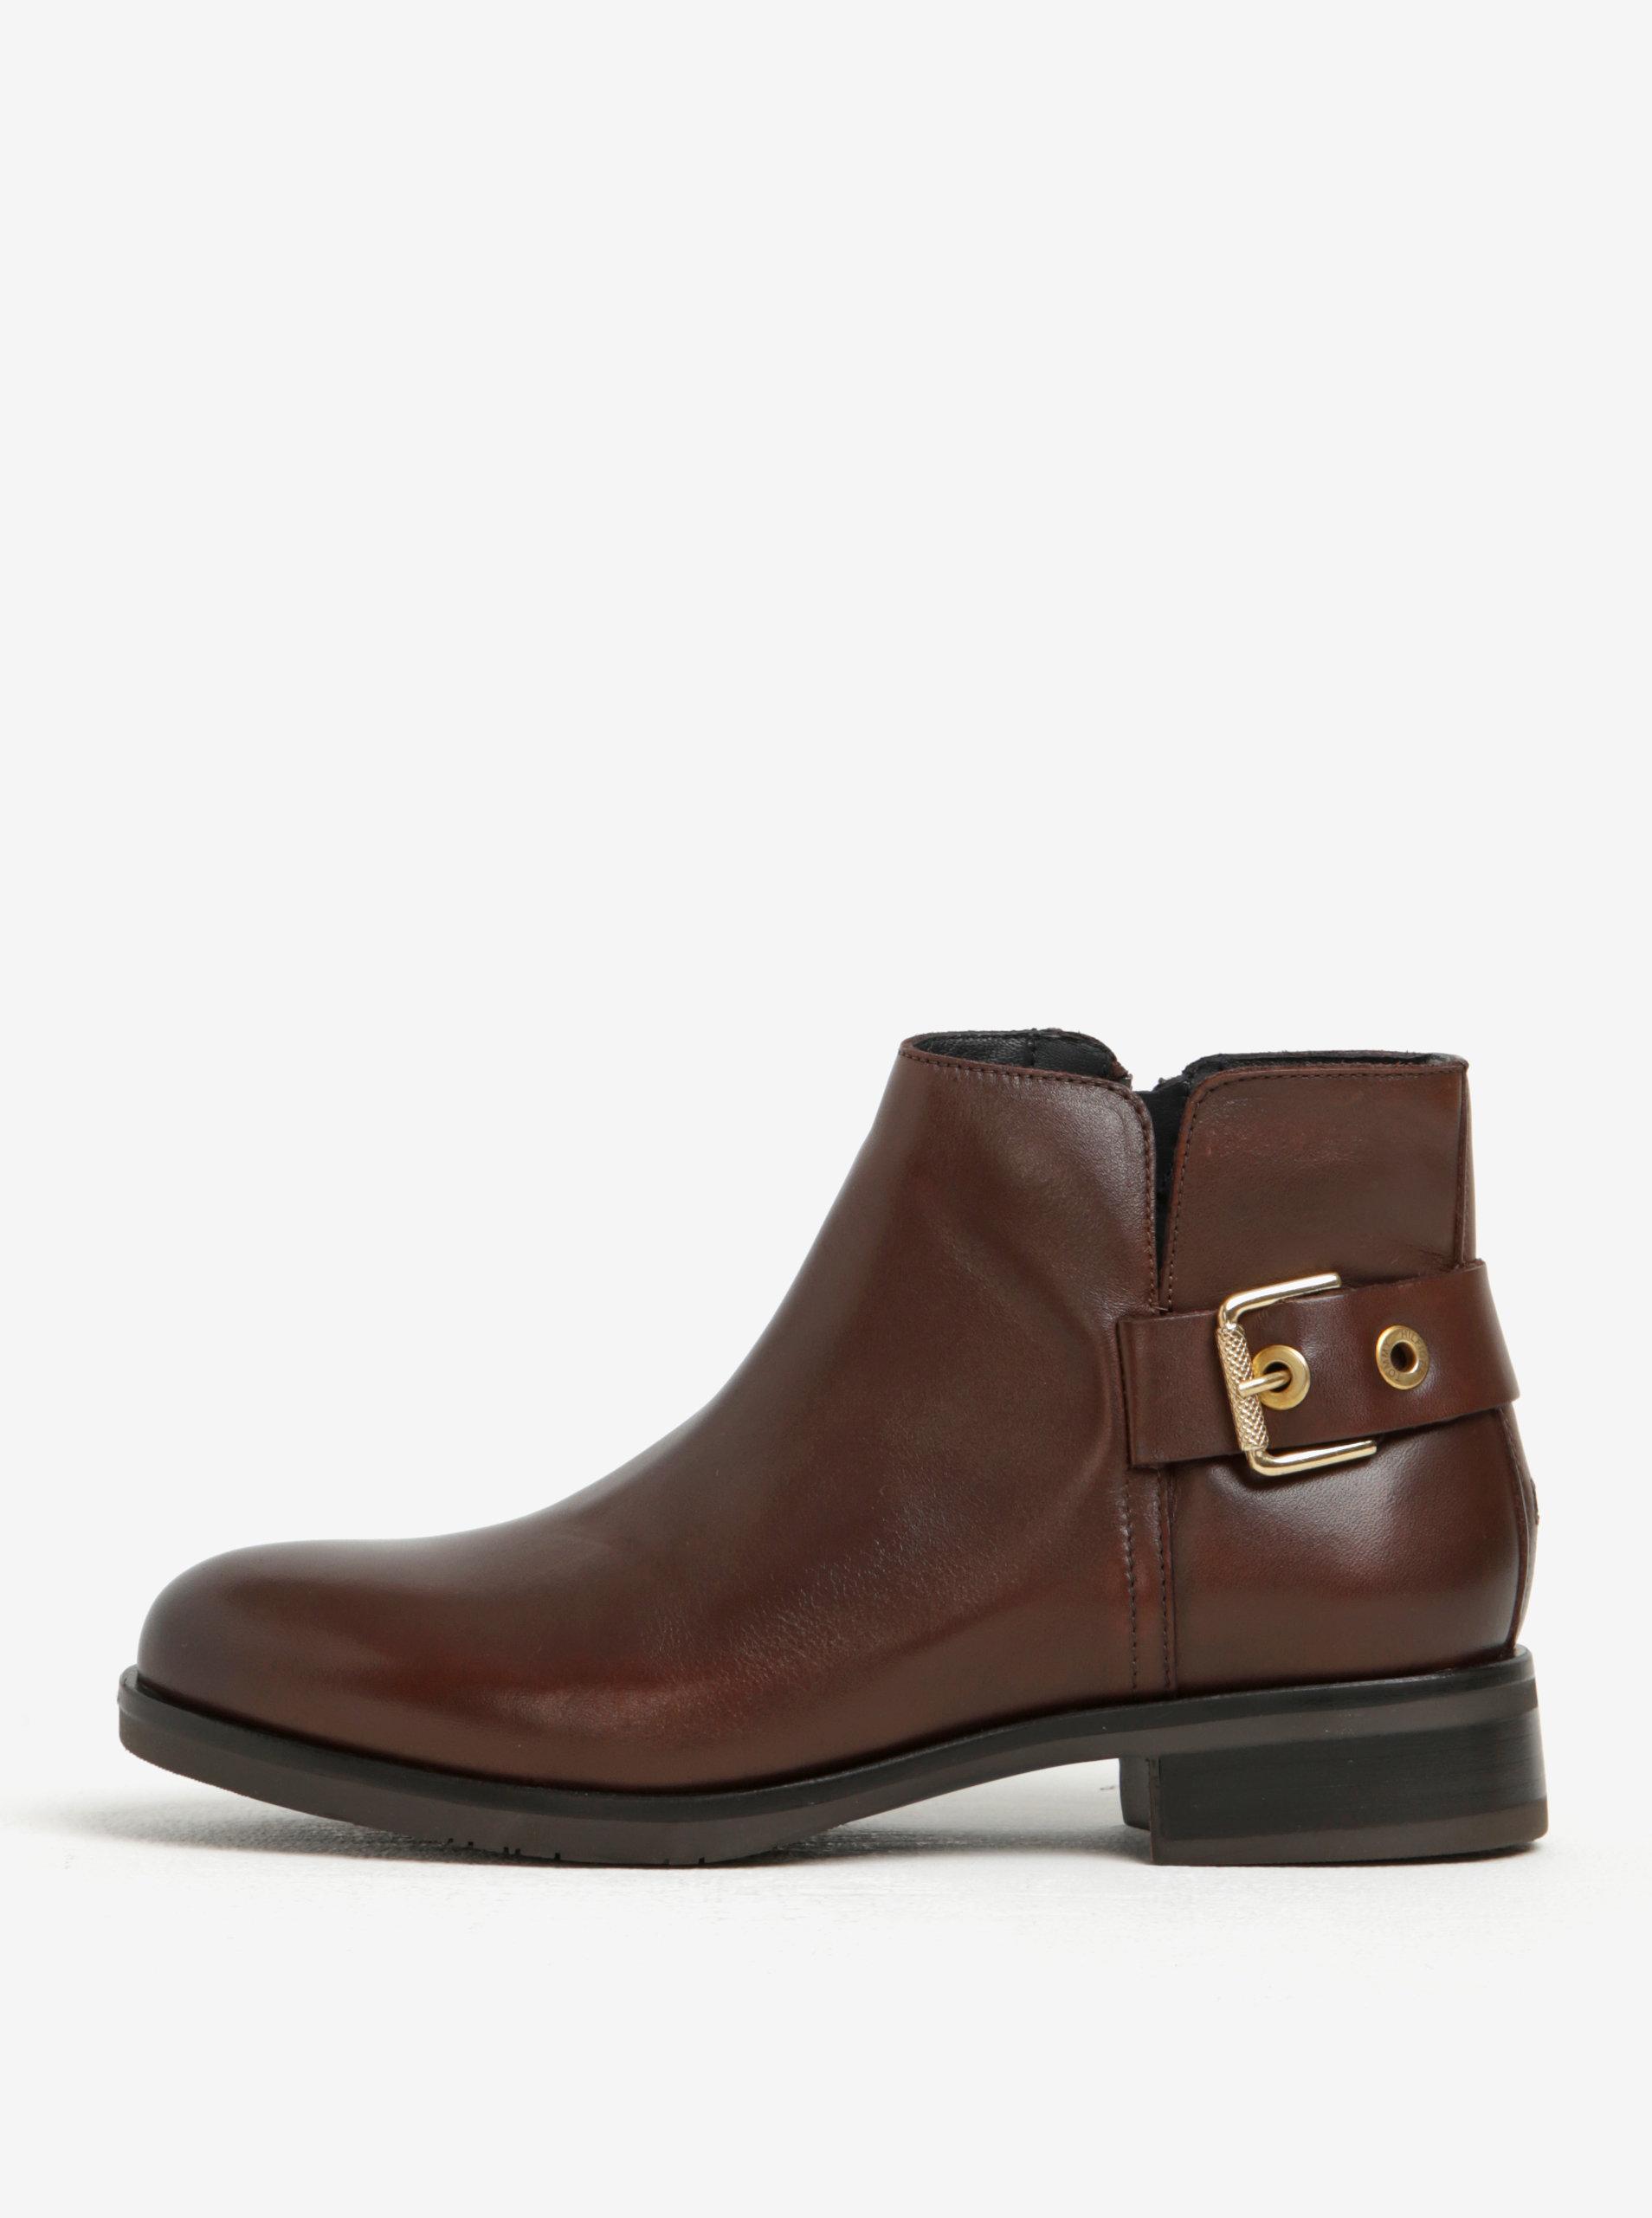 f4c276a9450 Tmavě hnědé dámské kožené kotníkové boty s přezkou Tommy Hilfiger ...